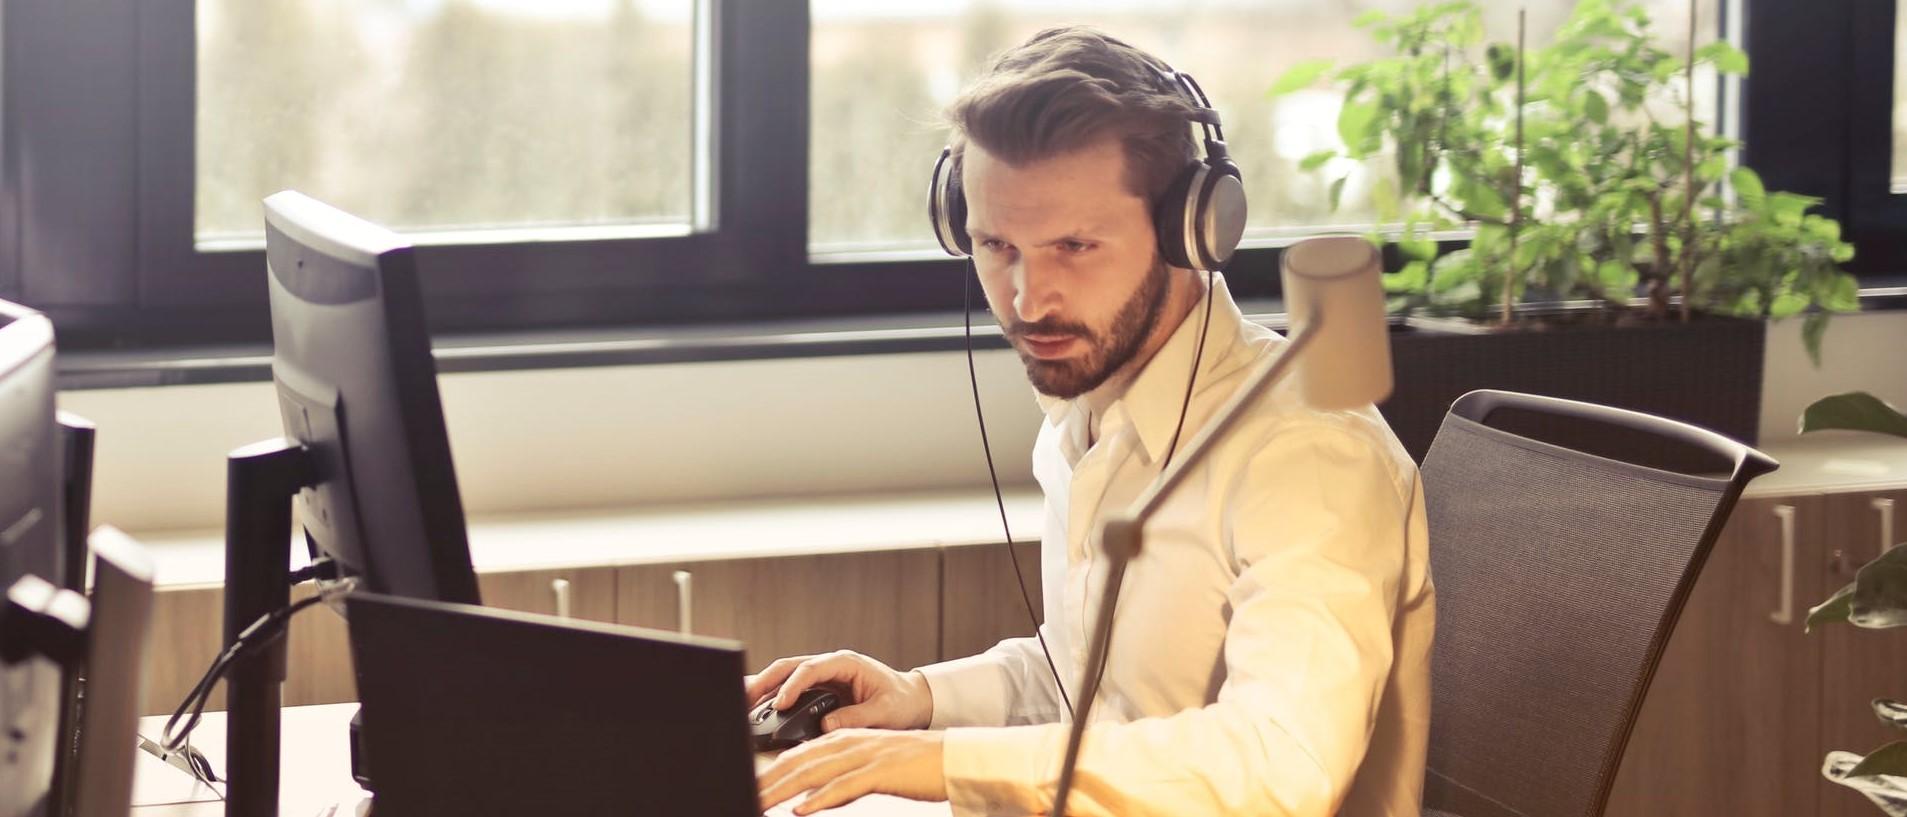 Почему клиенты уходят? Типичные ошибки обслуживания